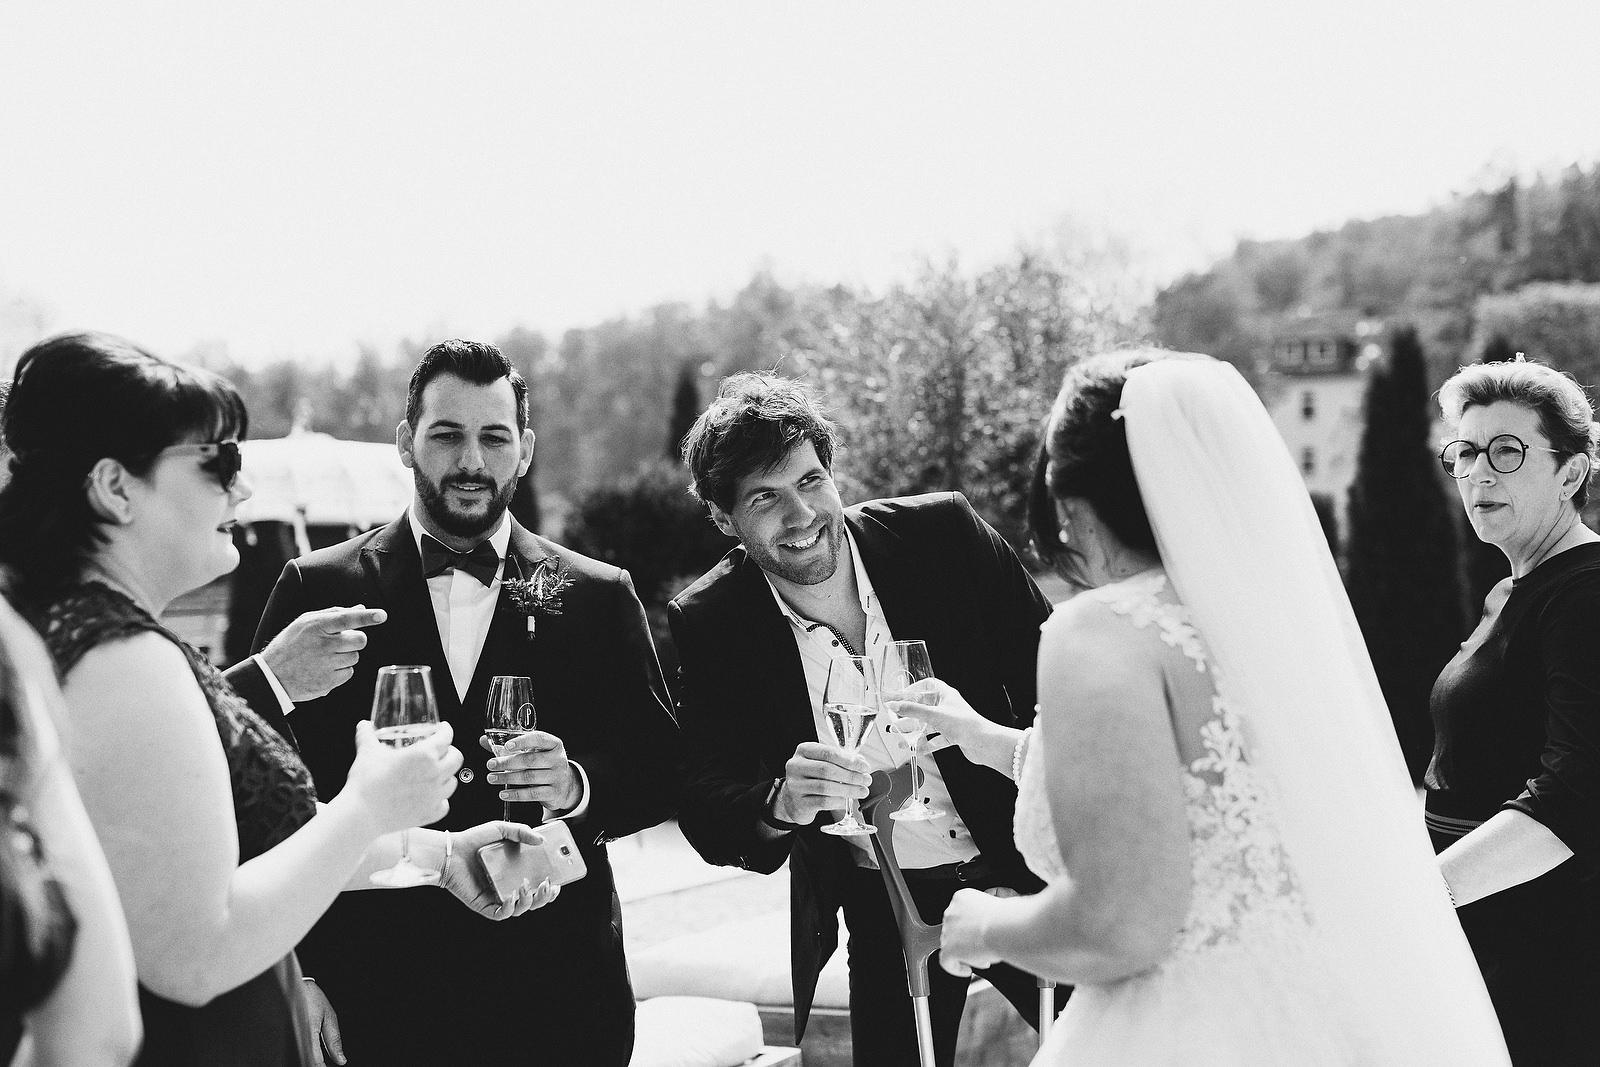 Referenz_Hochzeit_Kollektiv_EIS-35.JPG